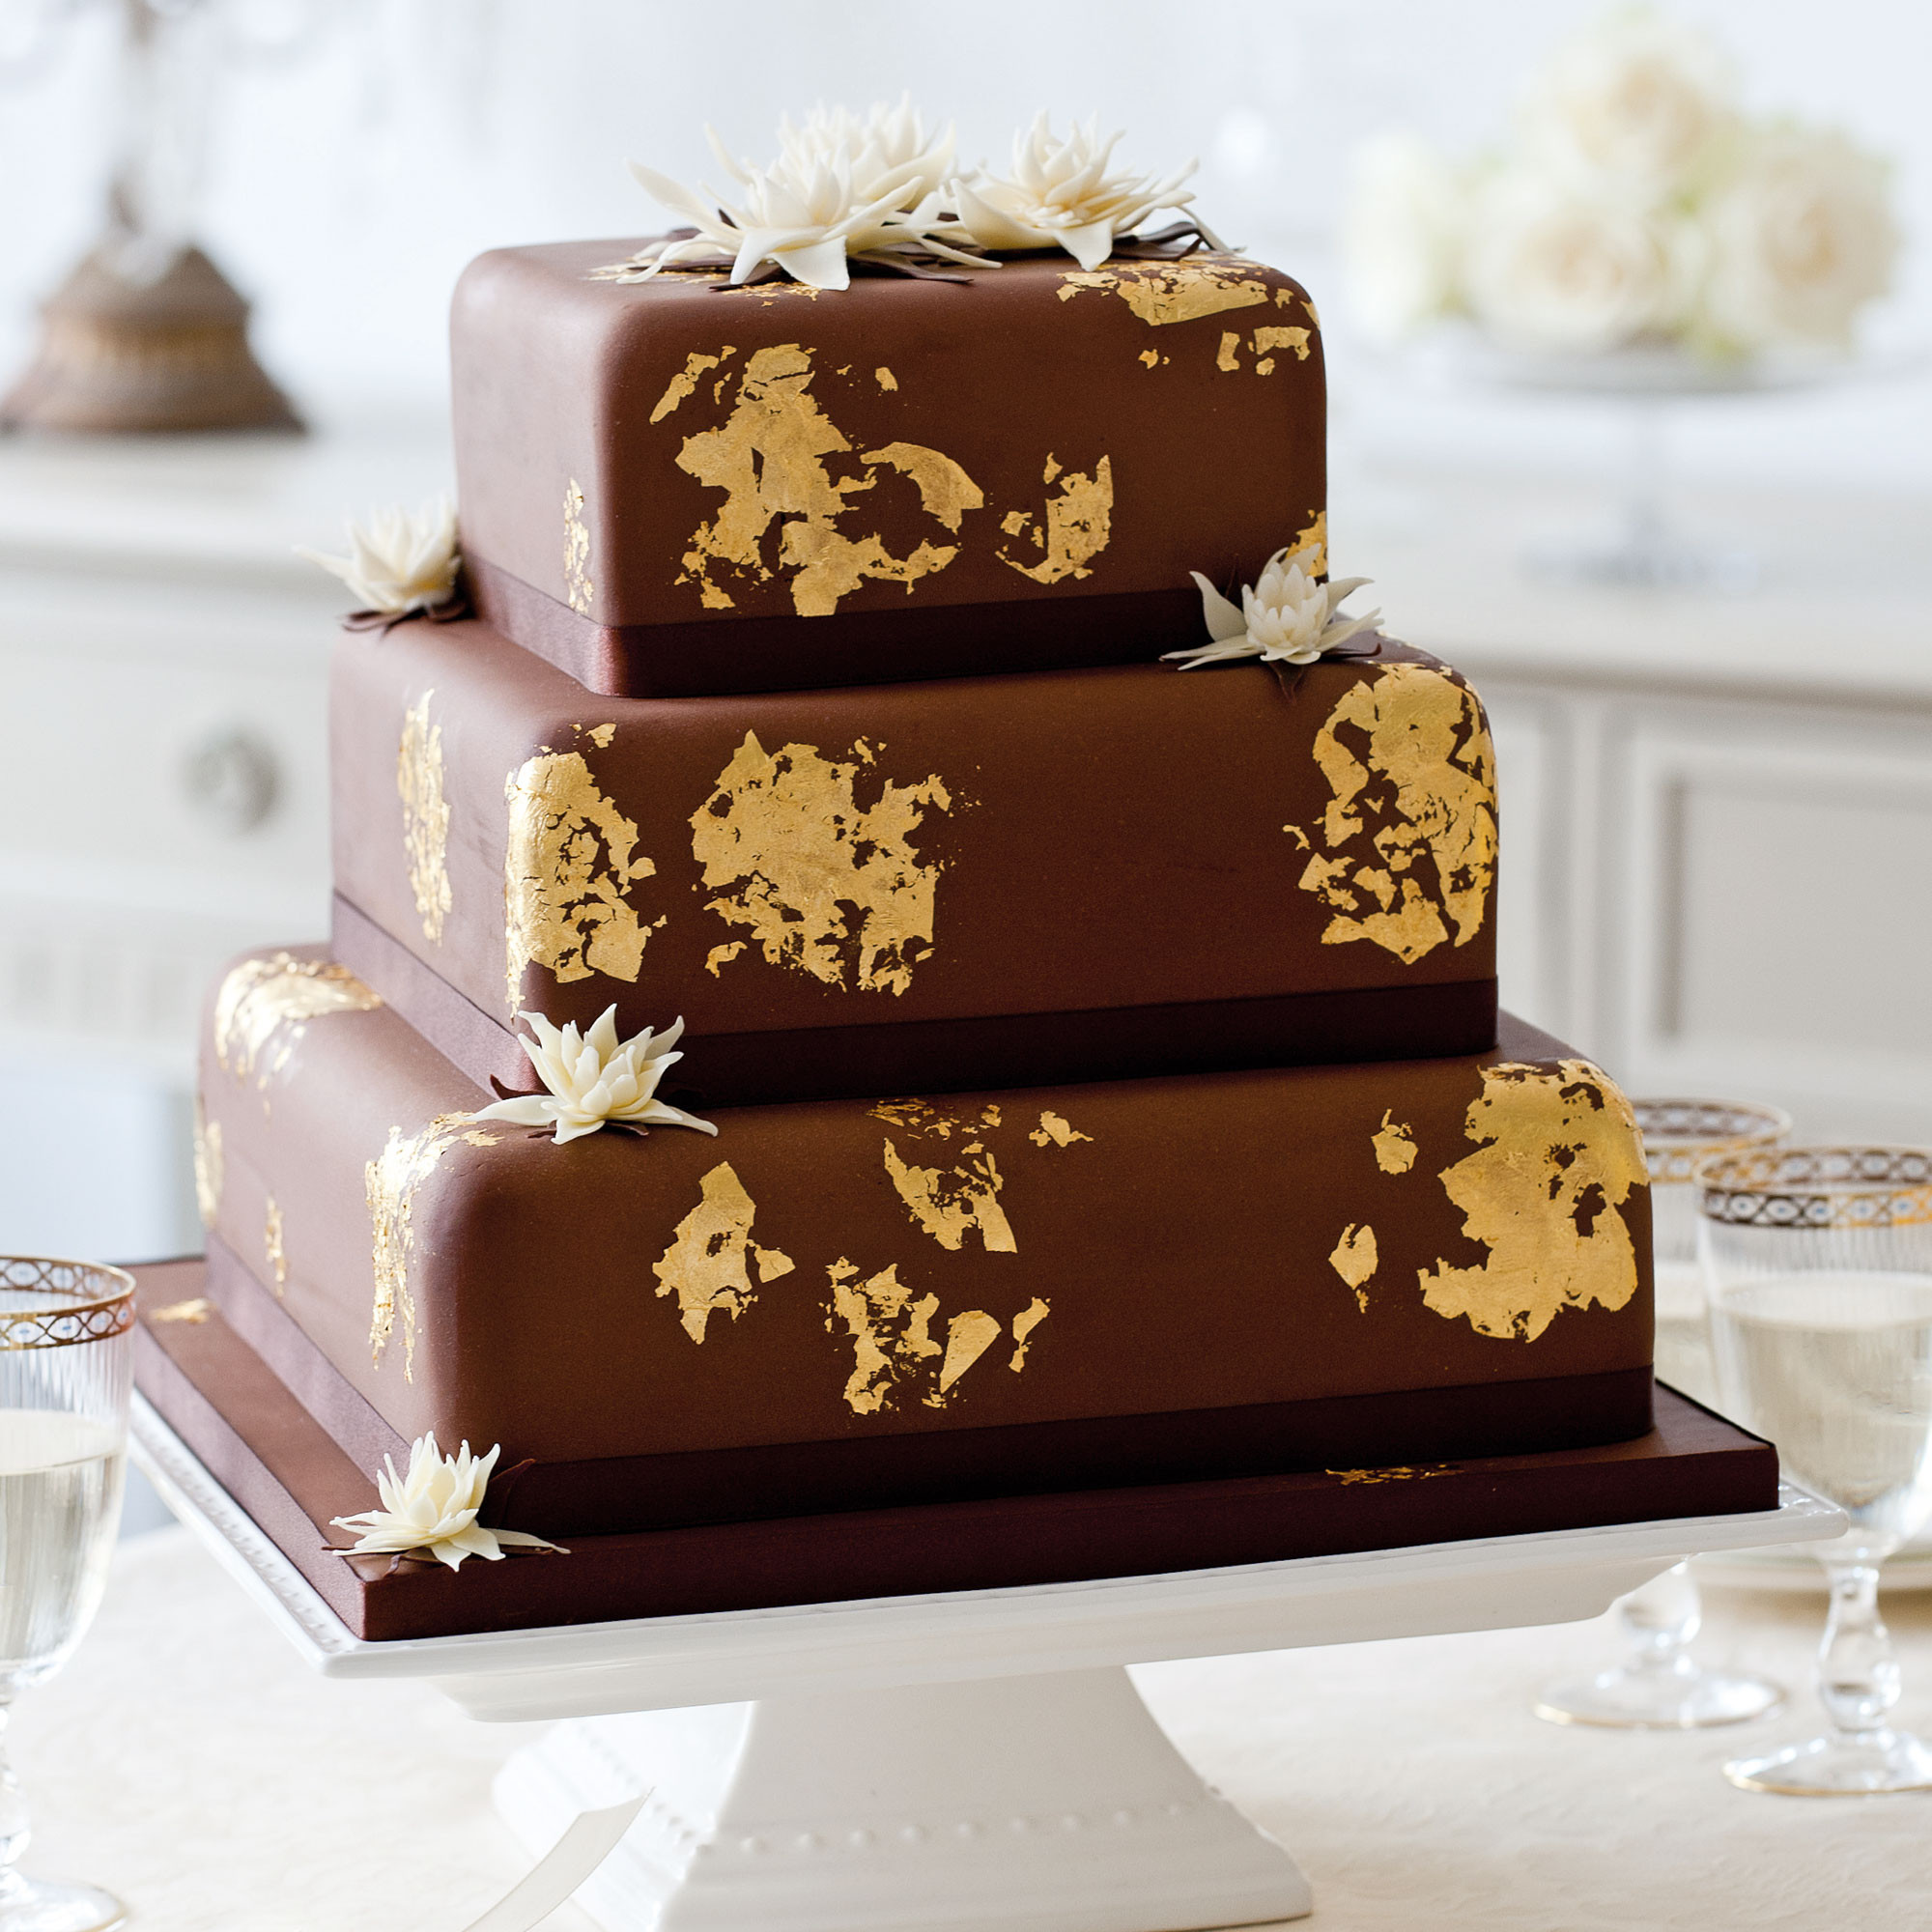 Wedding Cakes Ingredients  Cake Recipe In urdu Book Ingre nts Easy Ideas s